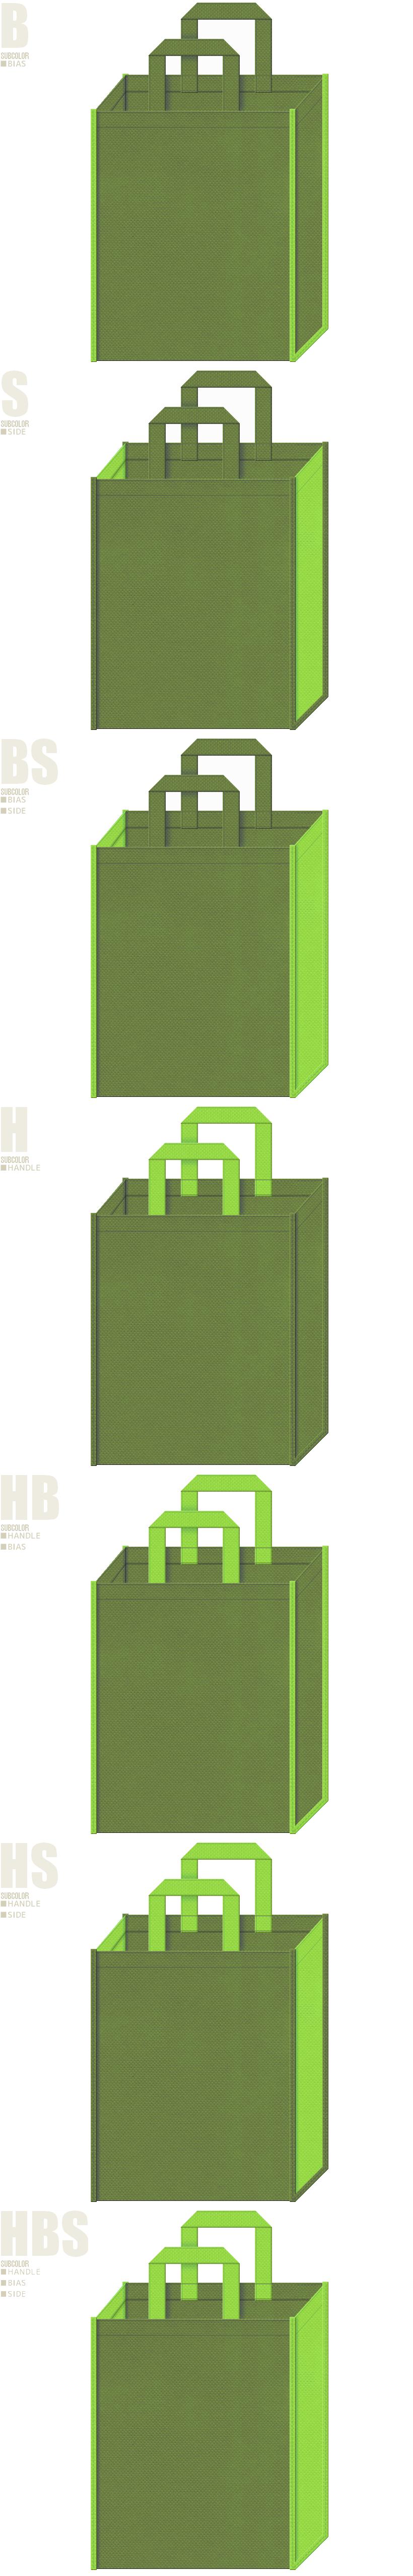 日本茶・庭木・盆栽イベント・造園用品の展示会用バッグにお奨めの不織布バッグデザイン:草色と黄緑色の不織布バッグ配色7パターン。